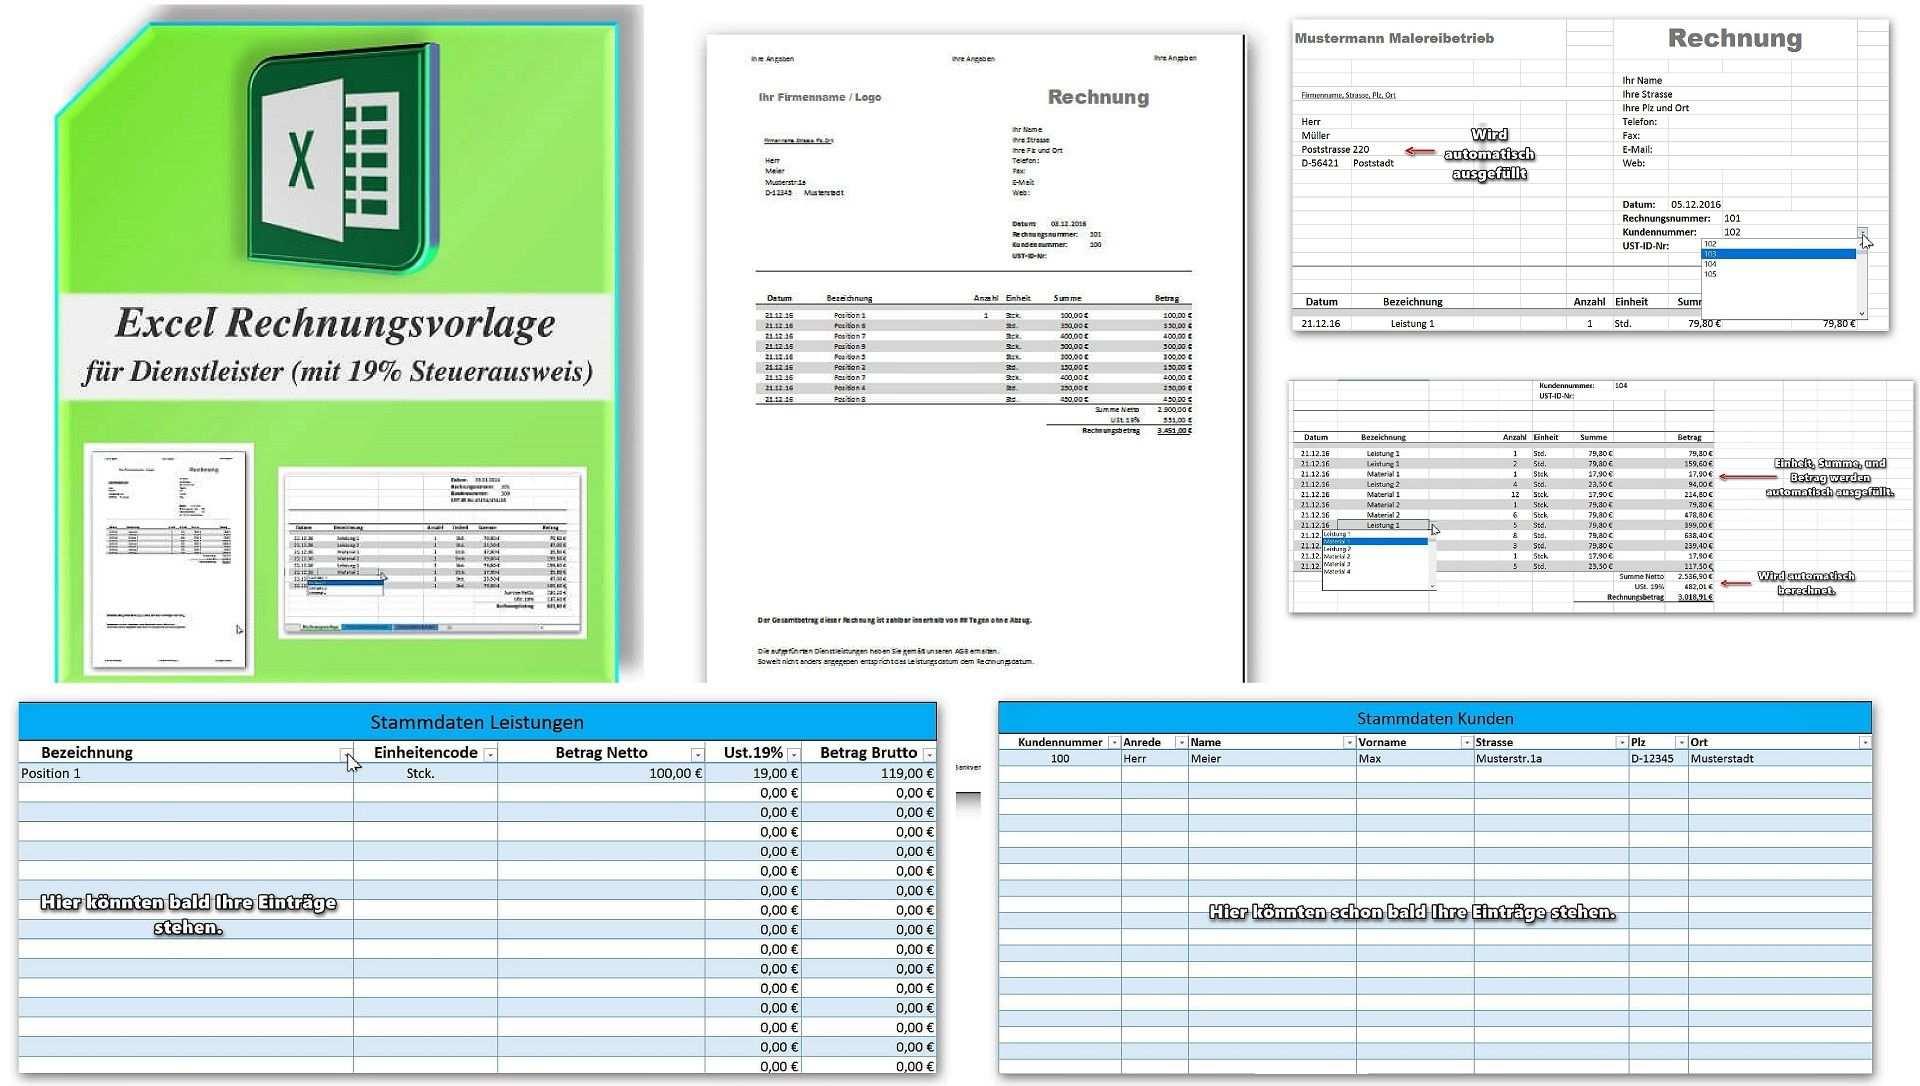 Rechnungsvorlage Mit 19 Steuerausweis Mit Bildern